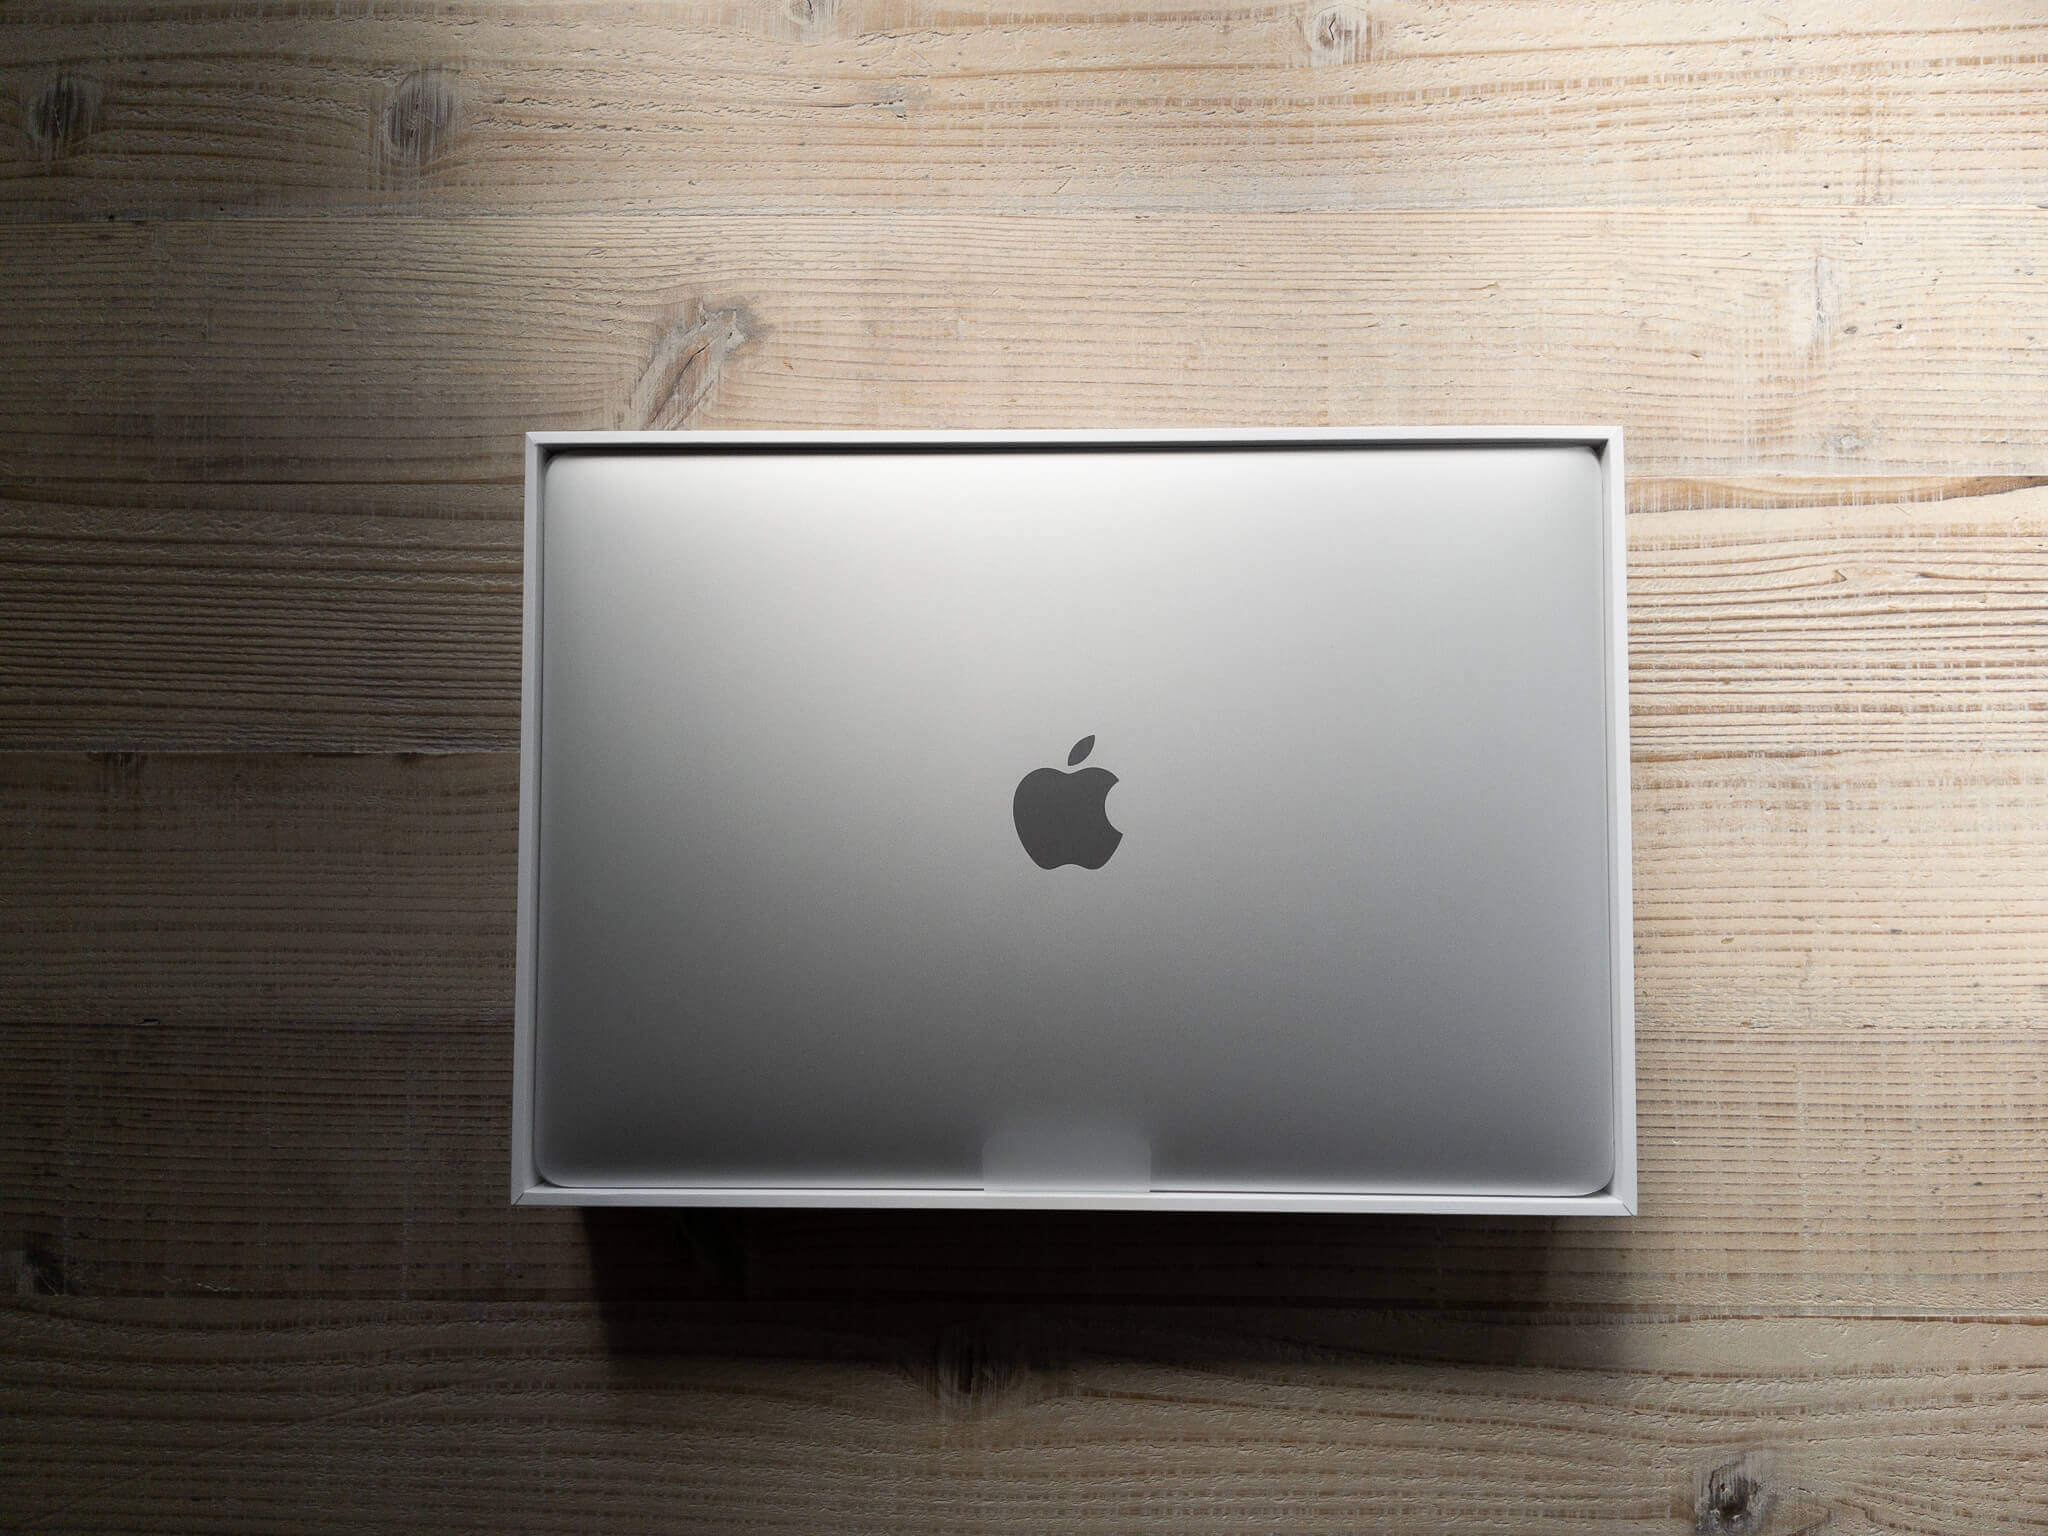 210223 m1 macbook air 7